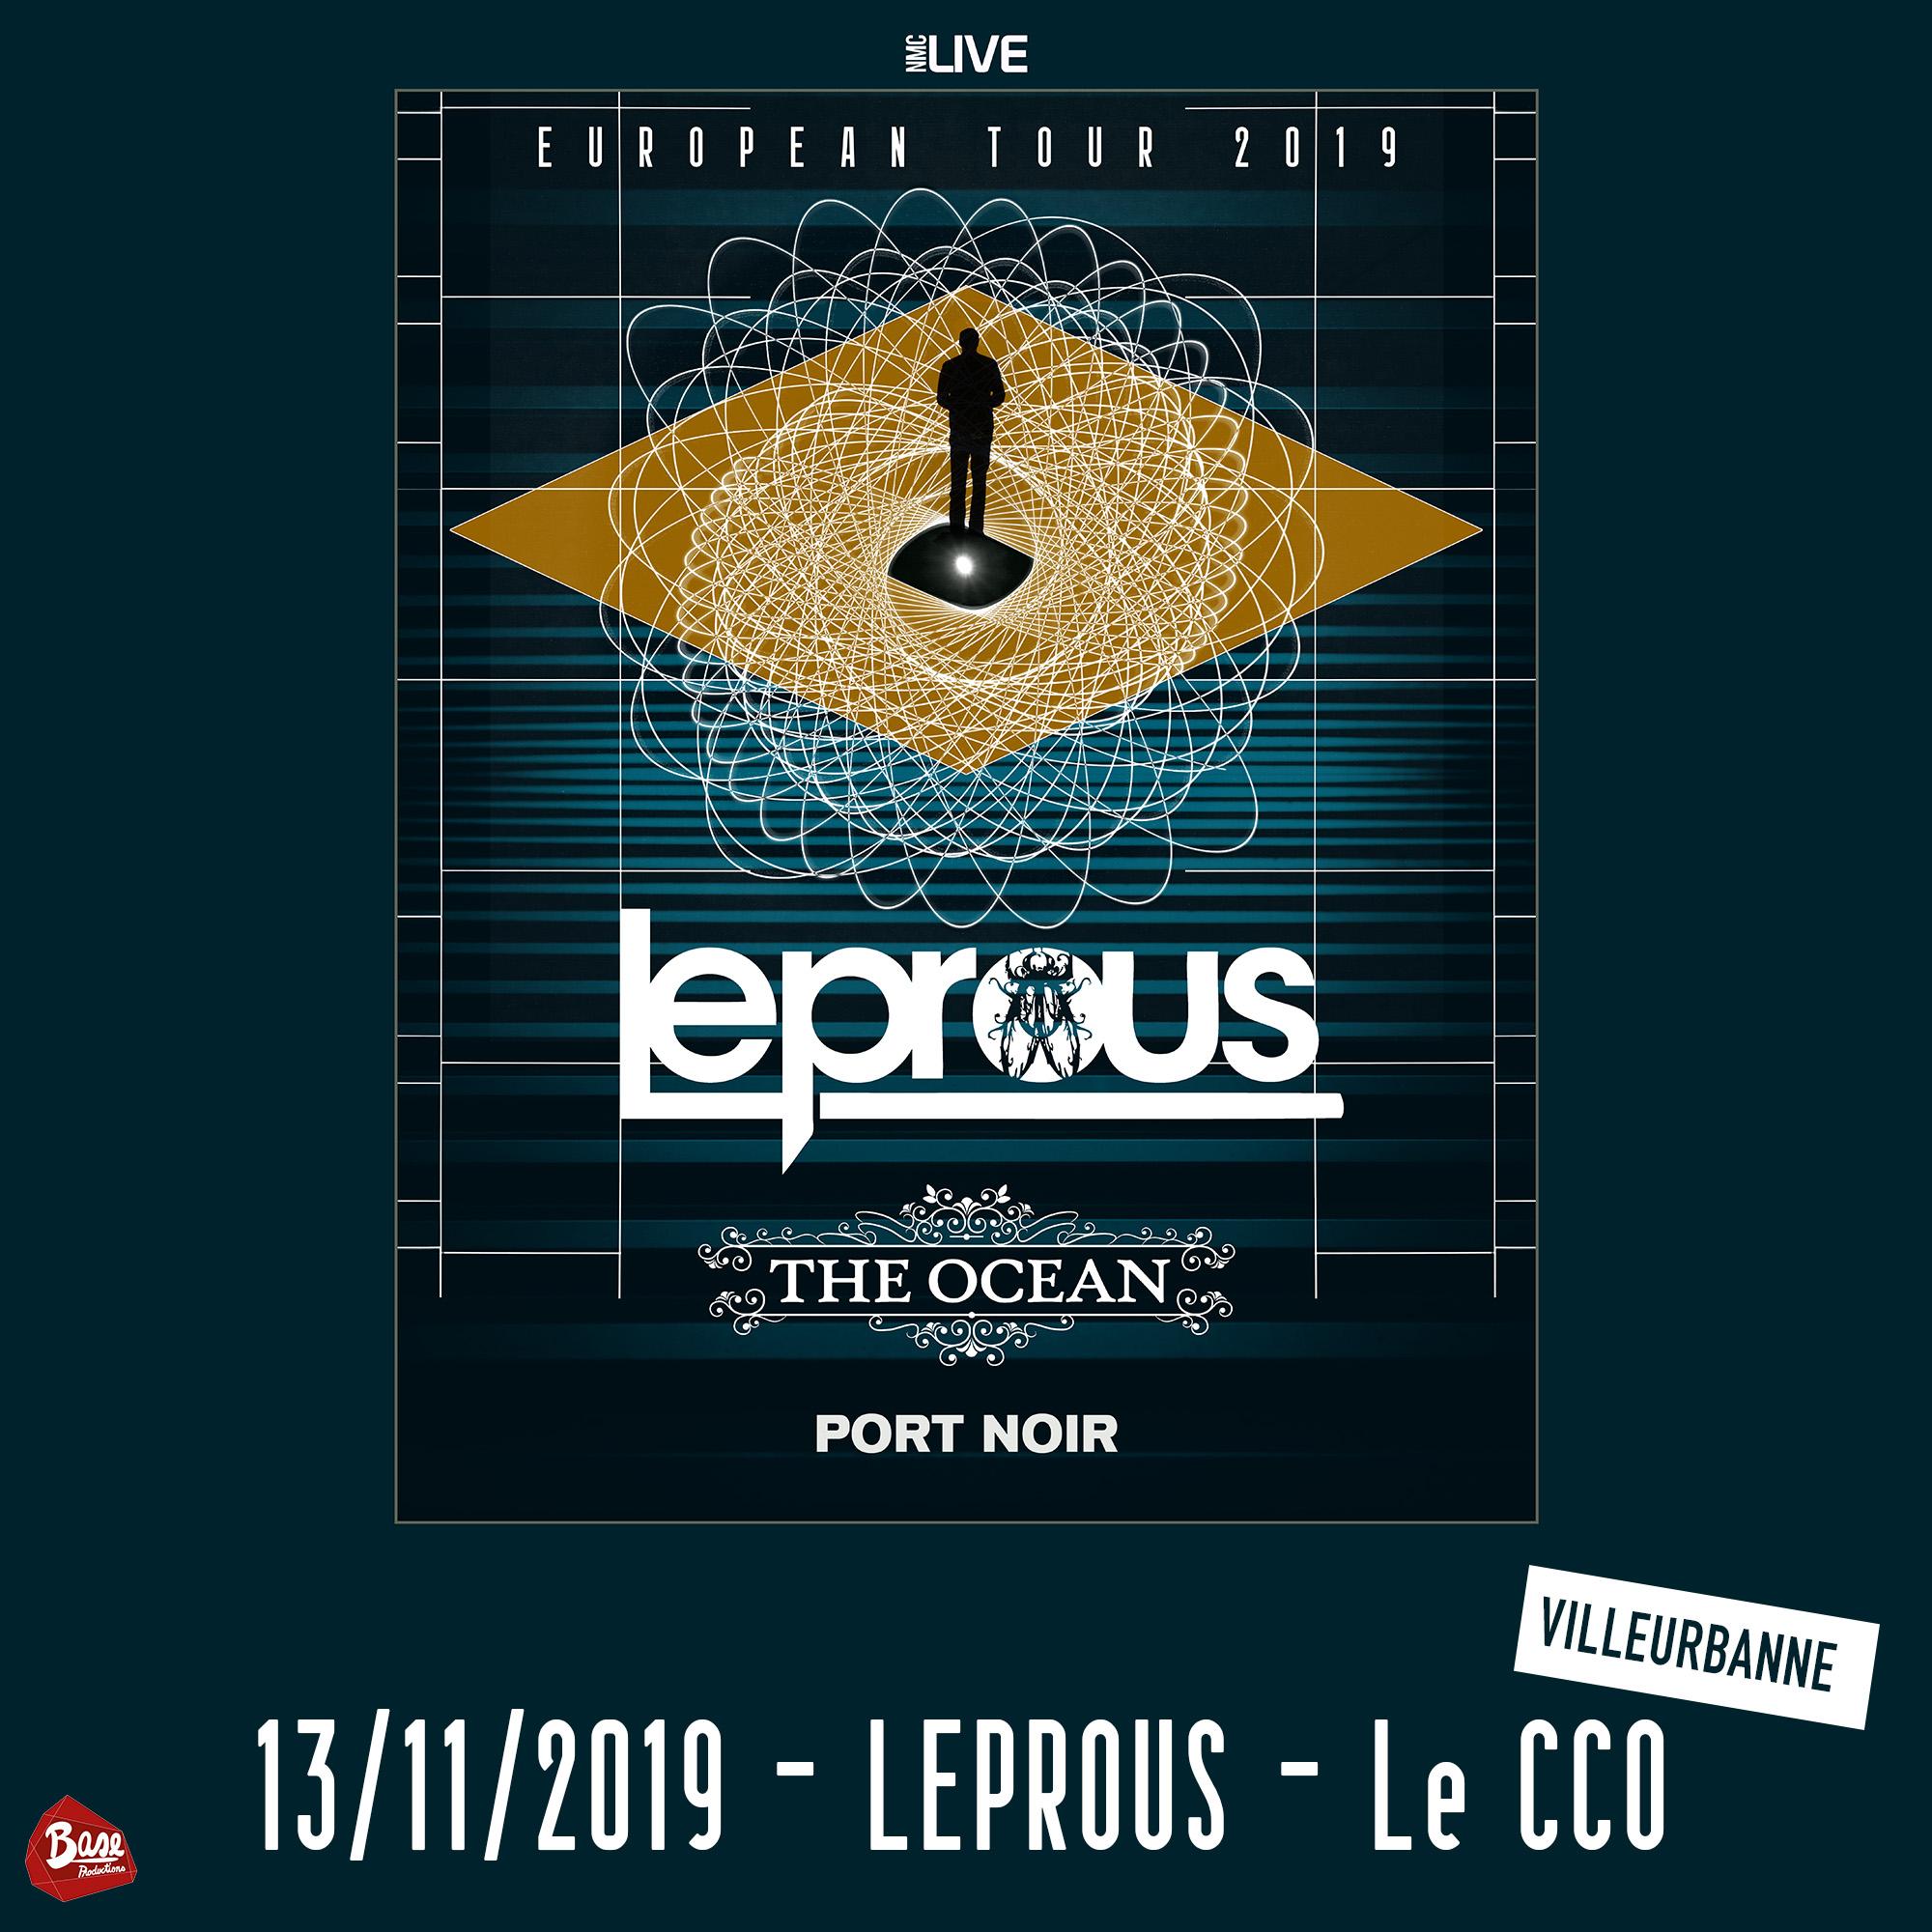 LEPROUS   THE OCEAN   PORT NOIR en concert à Lyon avec Mediatone